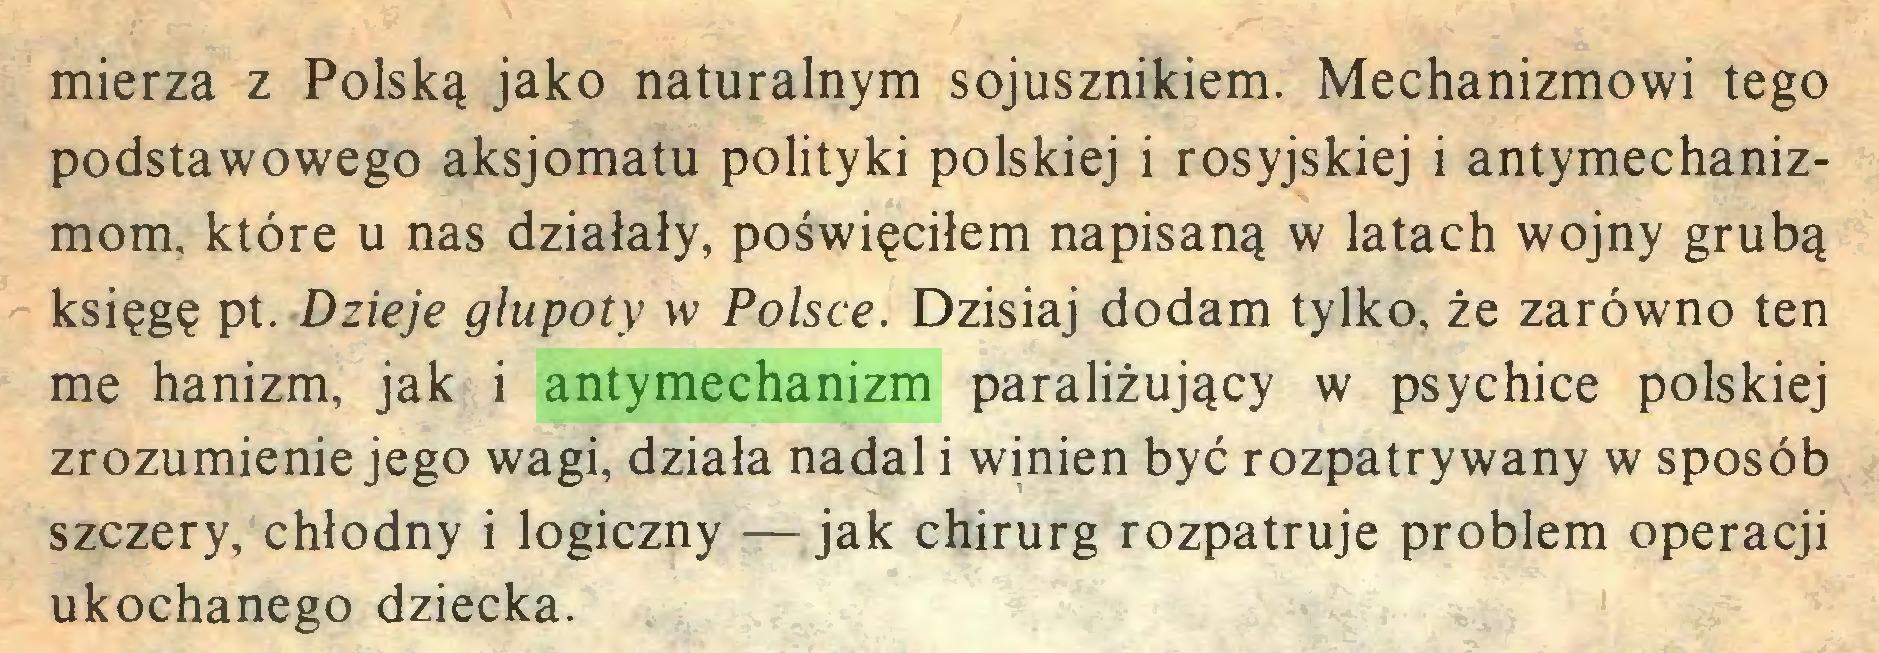 (...) mierzą z Polską jako naturalnym sojusznikiem. Mechanizmowi tego podstawowego aksjomatu polityki polskiej i rosyjskiej i antymechanizmom, które u nas działały, poświęciłem napisaną w latach wojny grubą księgę pt. Dzieje głupoty w Polsce. Dzisiaj dodam tylko, że zarówno ten me hanizm, jak i antymechanizm paraliżujący w psychice polskiej zrozumienie jego wagi, działa nadal i winien być rozpatrywany w sposób szczery, chłodny i logiczny —jak chirurg rozpatruje problem operacji ukochanego dziecka...